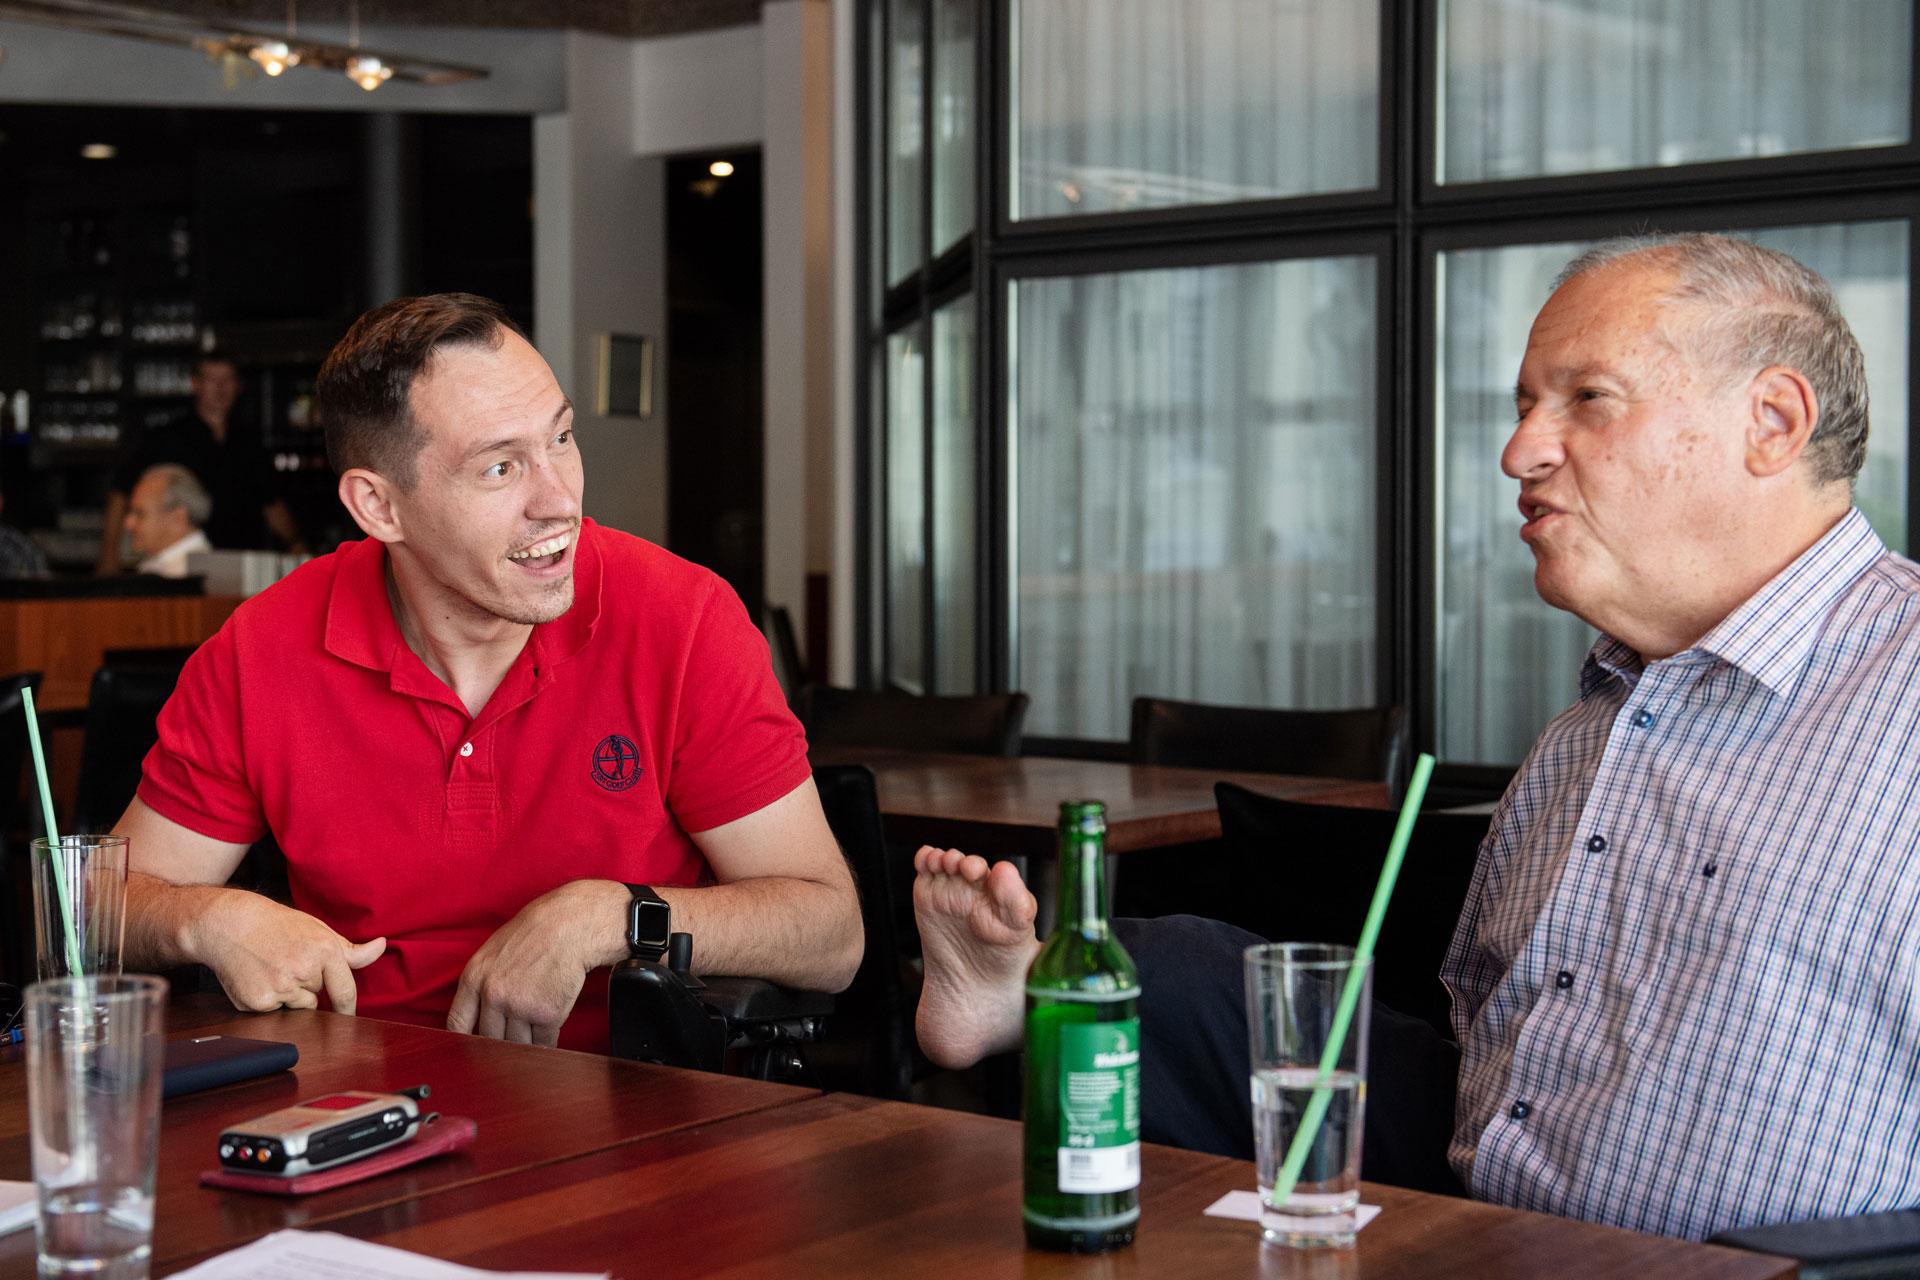 Islam Alijaj et Christian Lohr discutent, assis à une table dans un café.